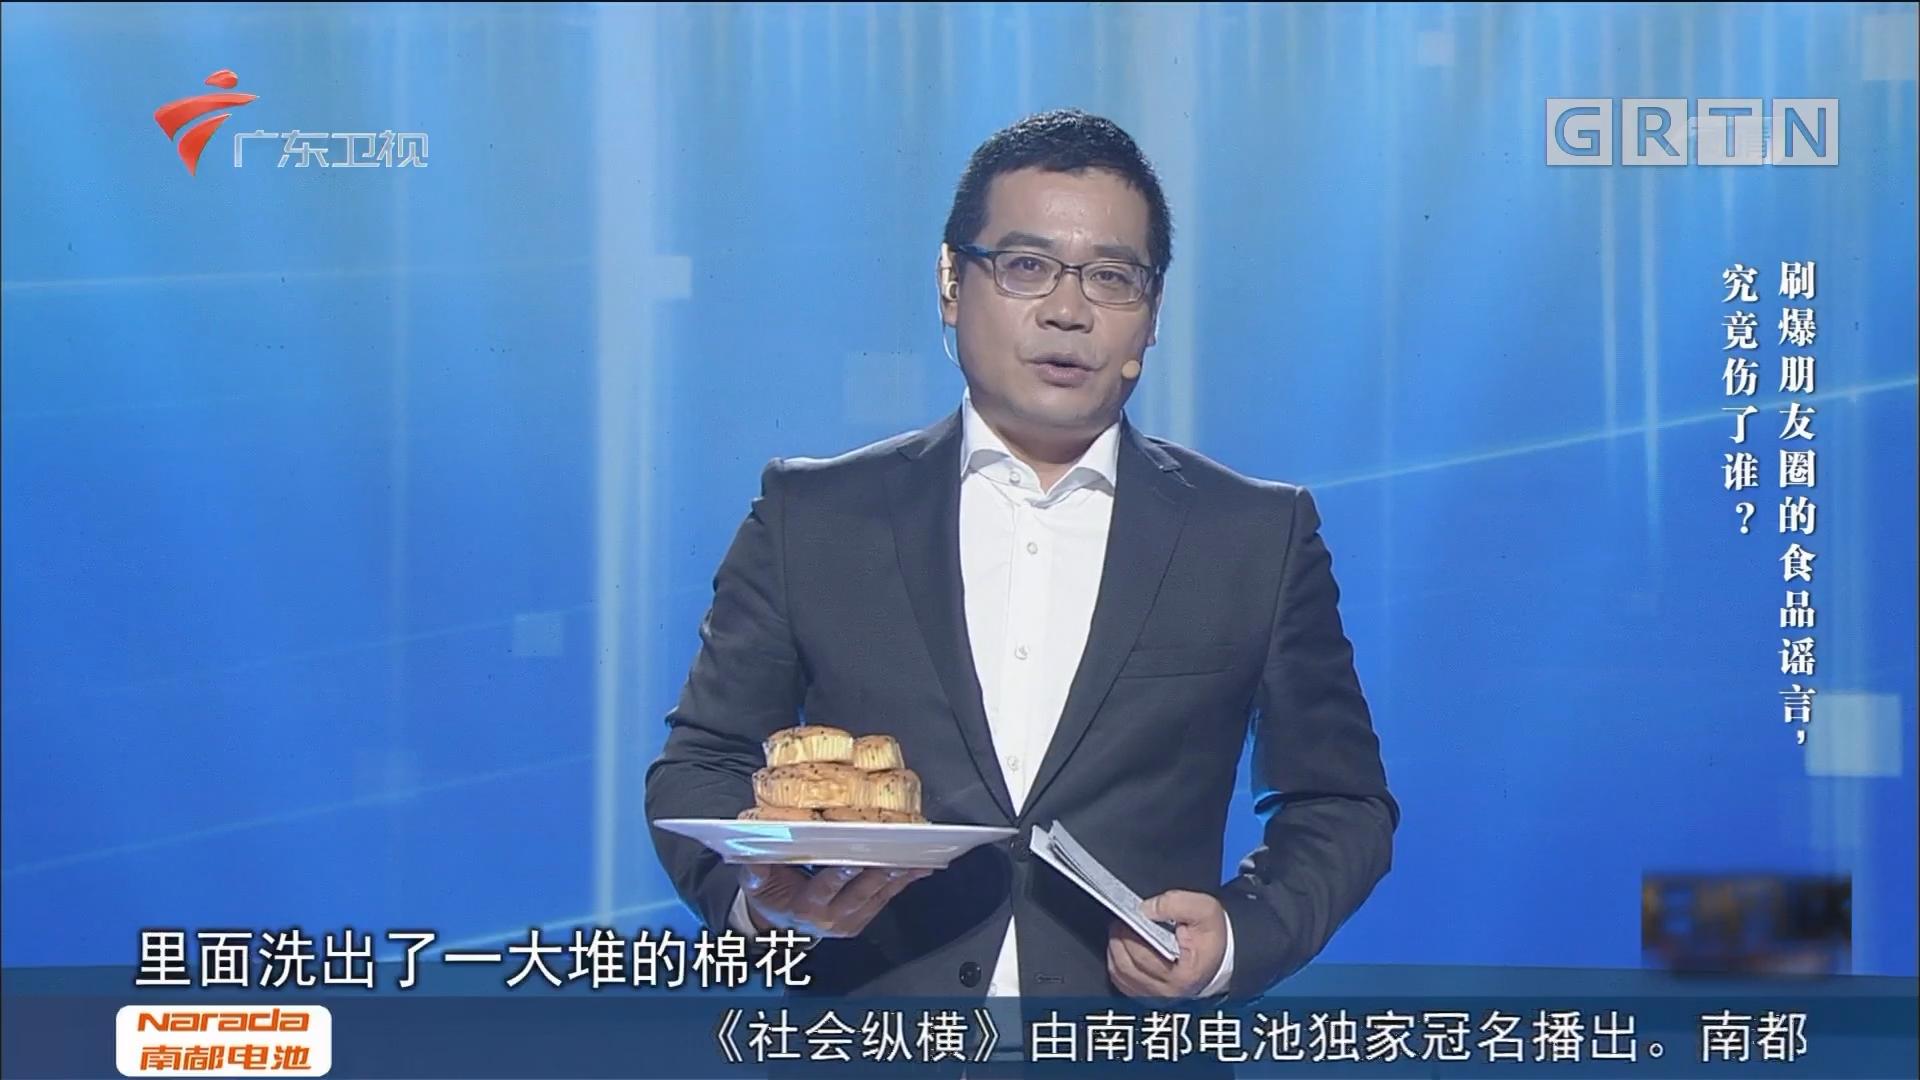 [HD][2017-06-28]社会纵横:刷爆朋友圈的食品谣言,究竟伤了谁?